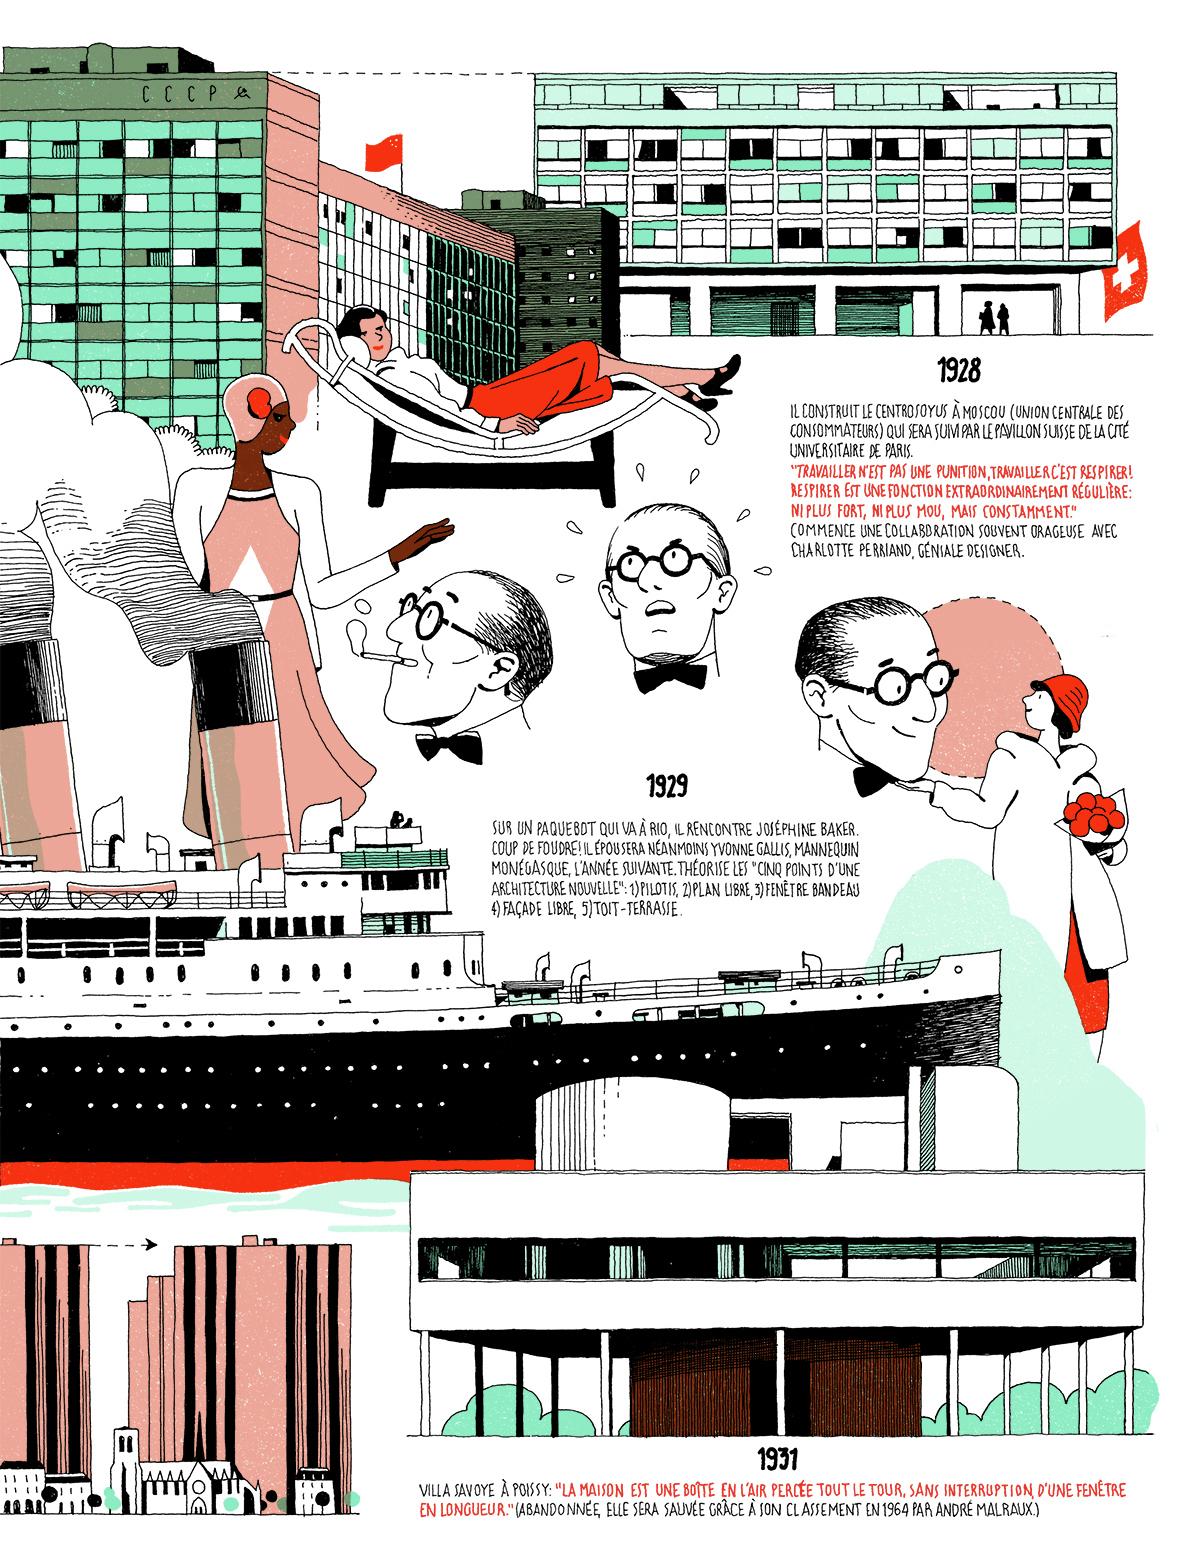 Le Corbusier Les 5 Points infographic: the life of le corbusiervincent mahé